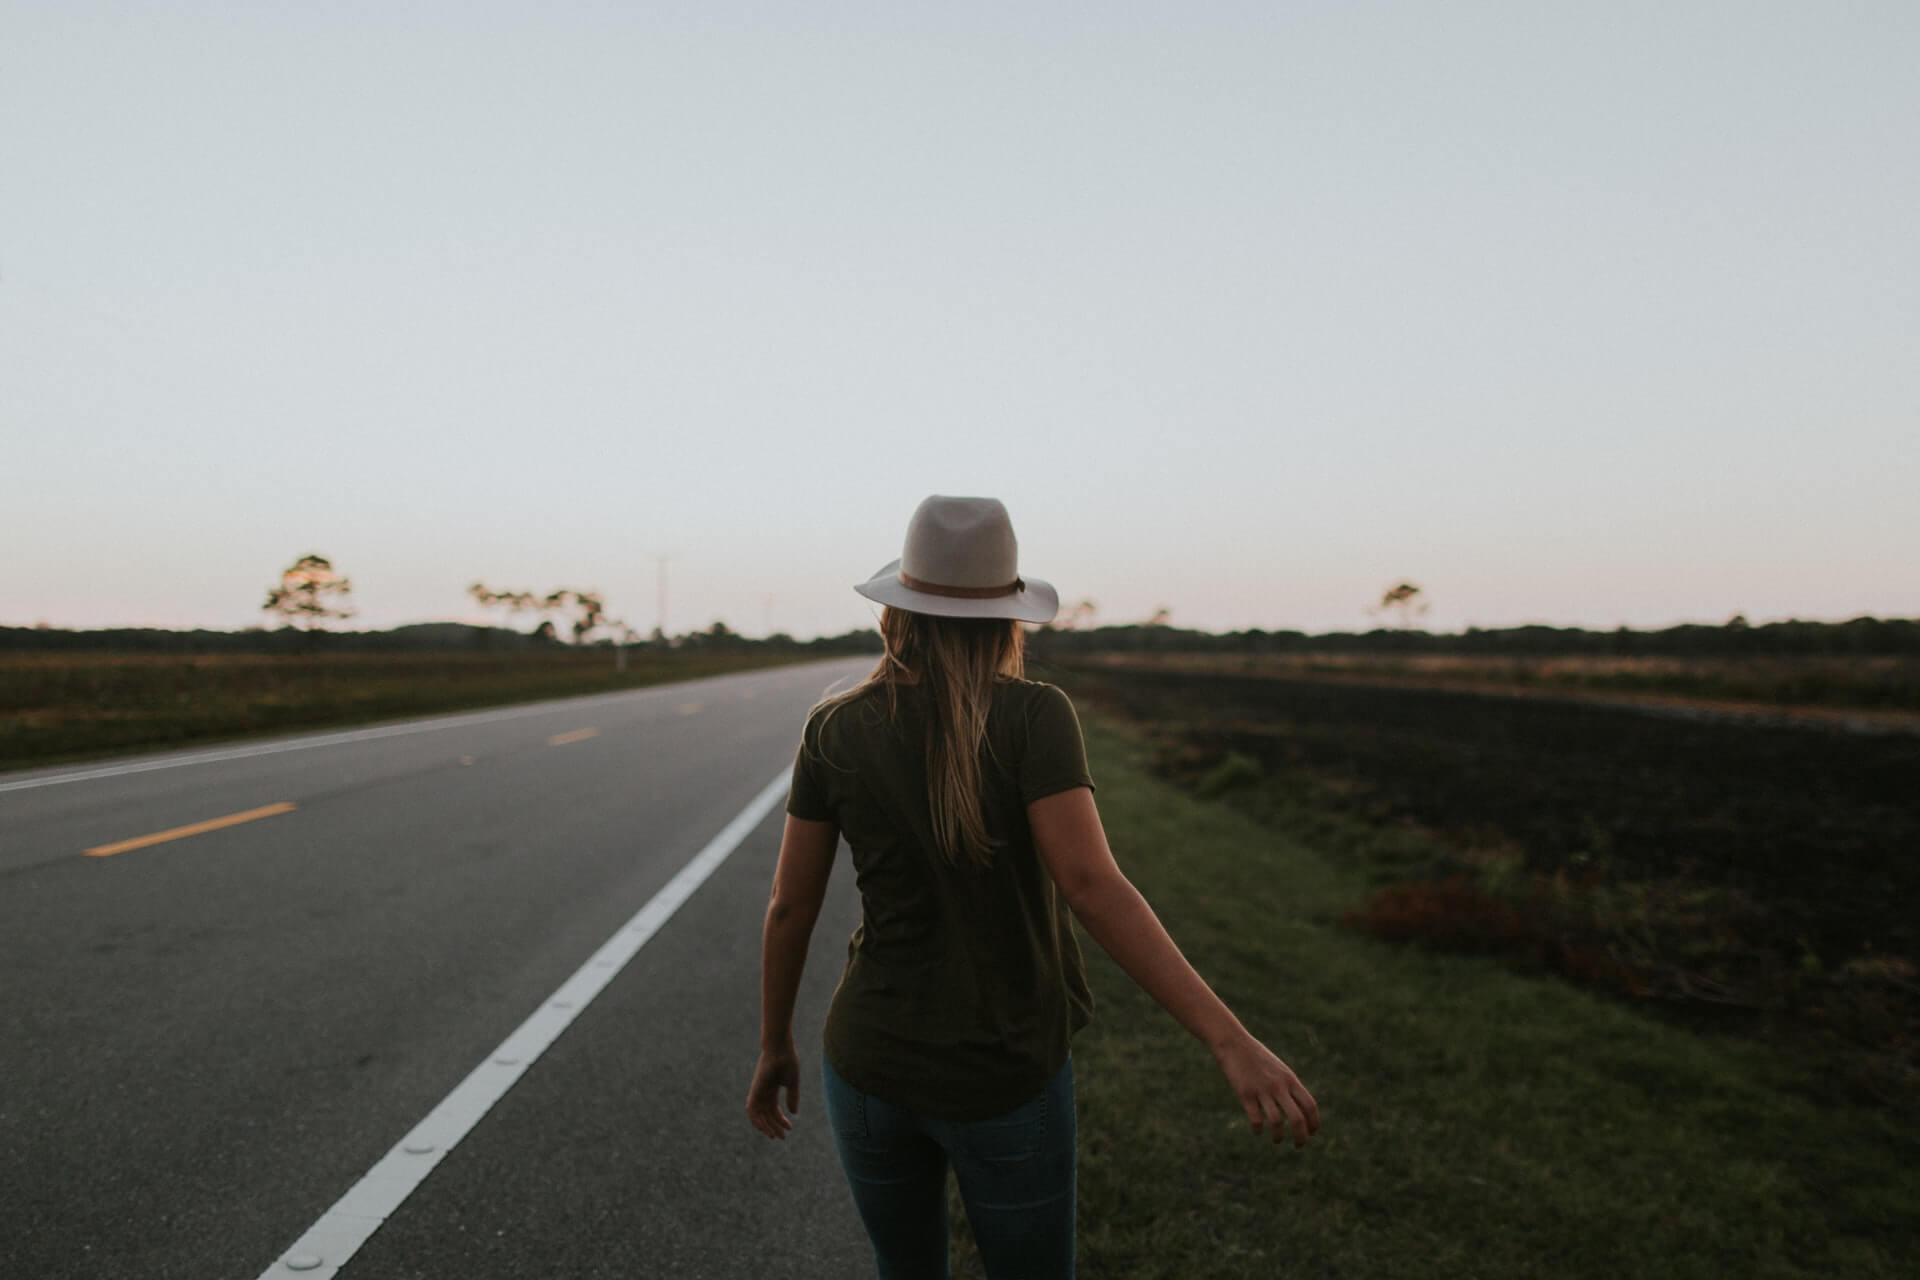 partir, chemin, route, femme